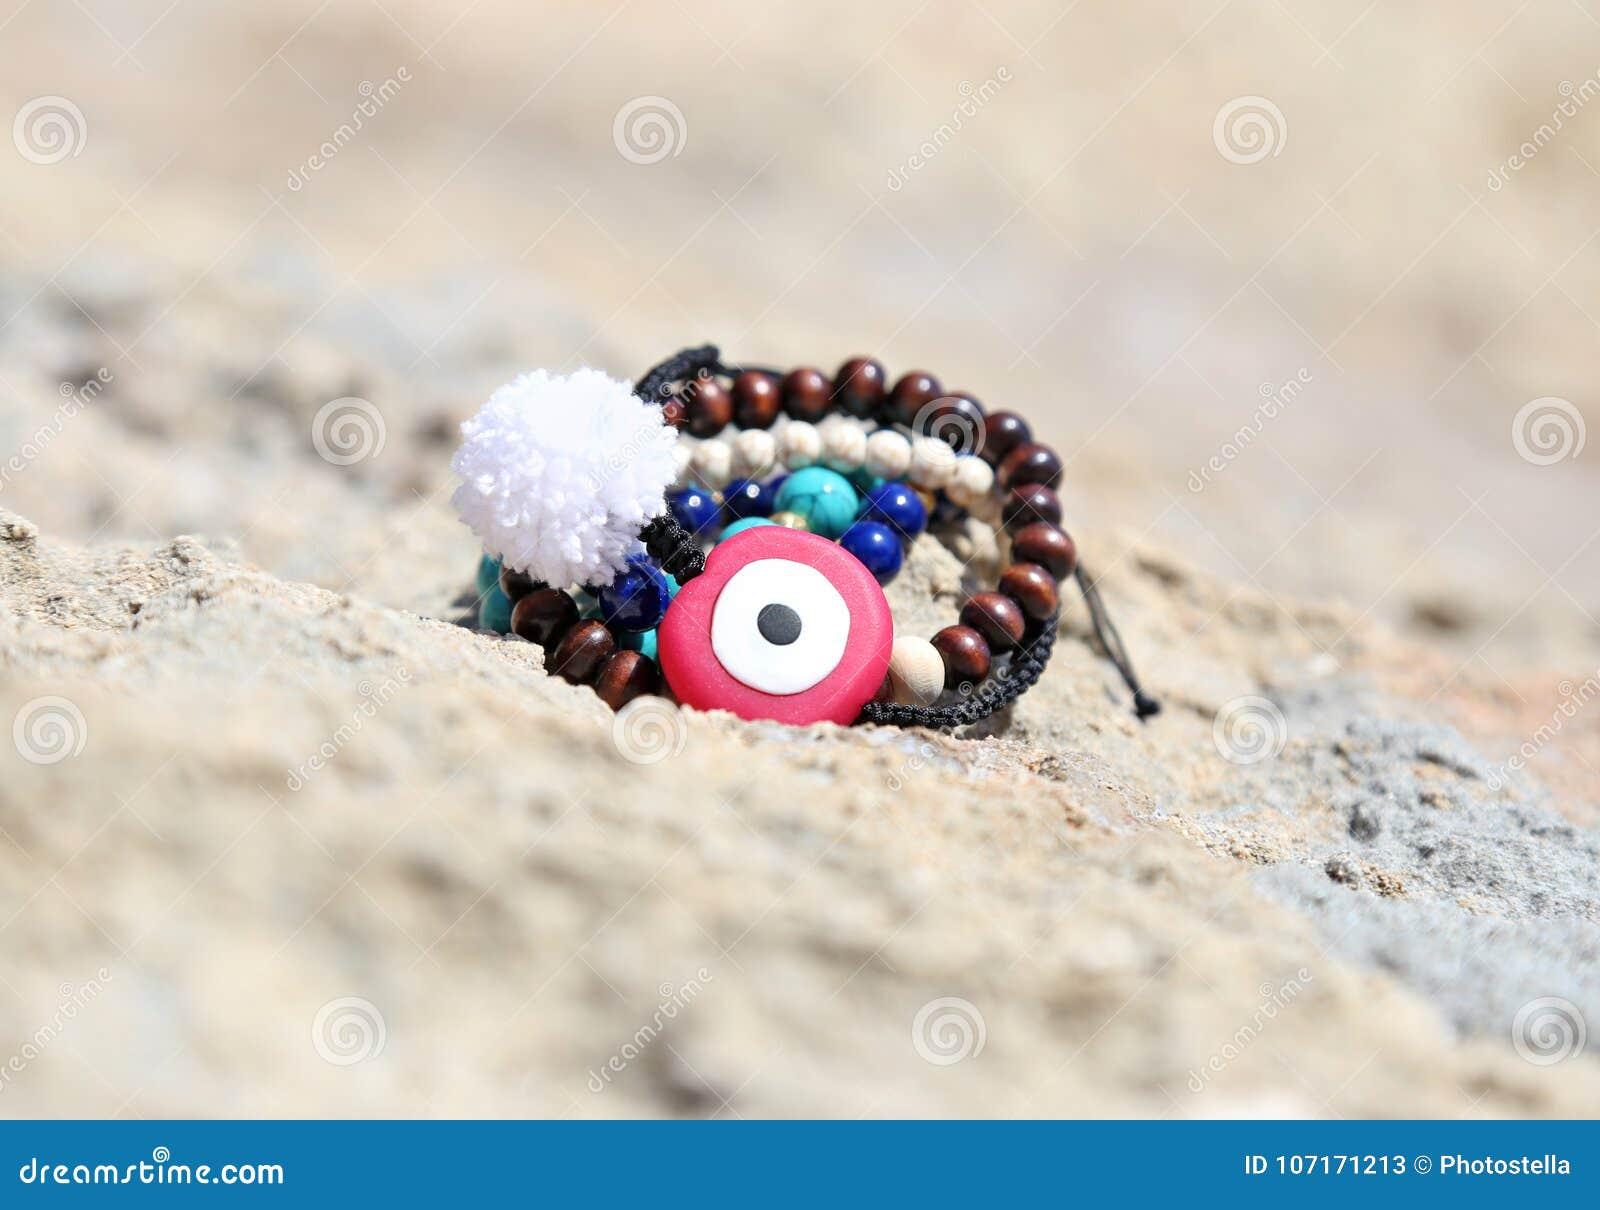 Ελληνική διαφήμιση κοσμήματος στην παραλία με το κακό μάτι και τους ... a8be0c7416f